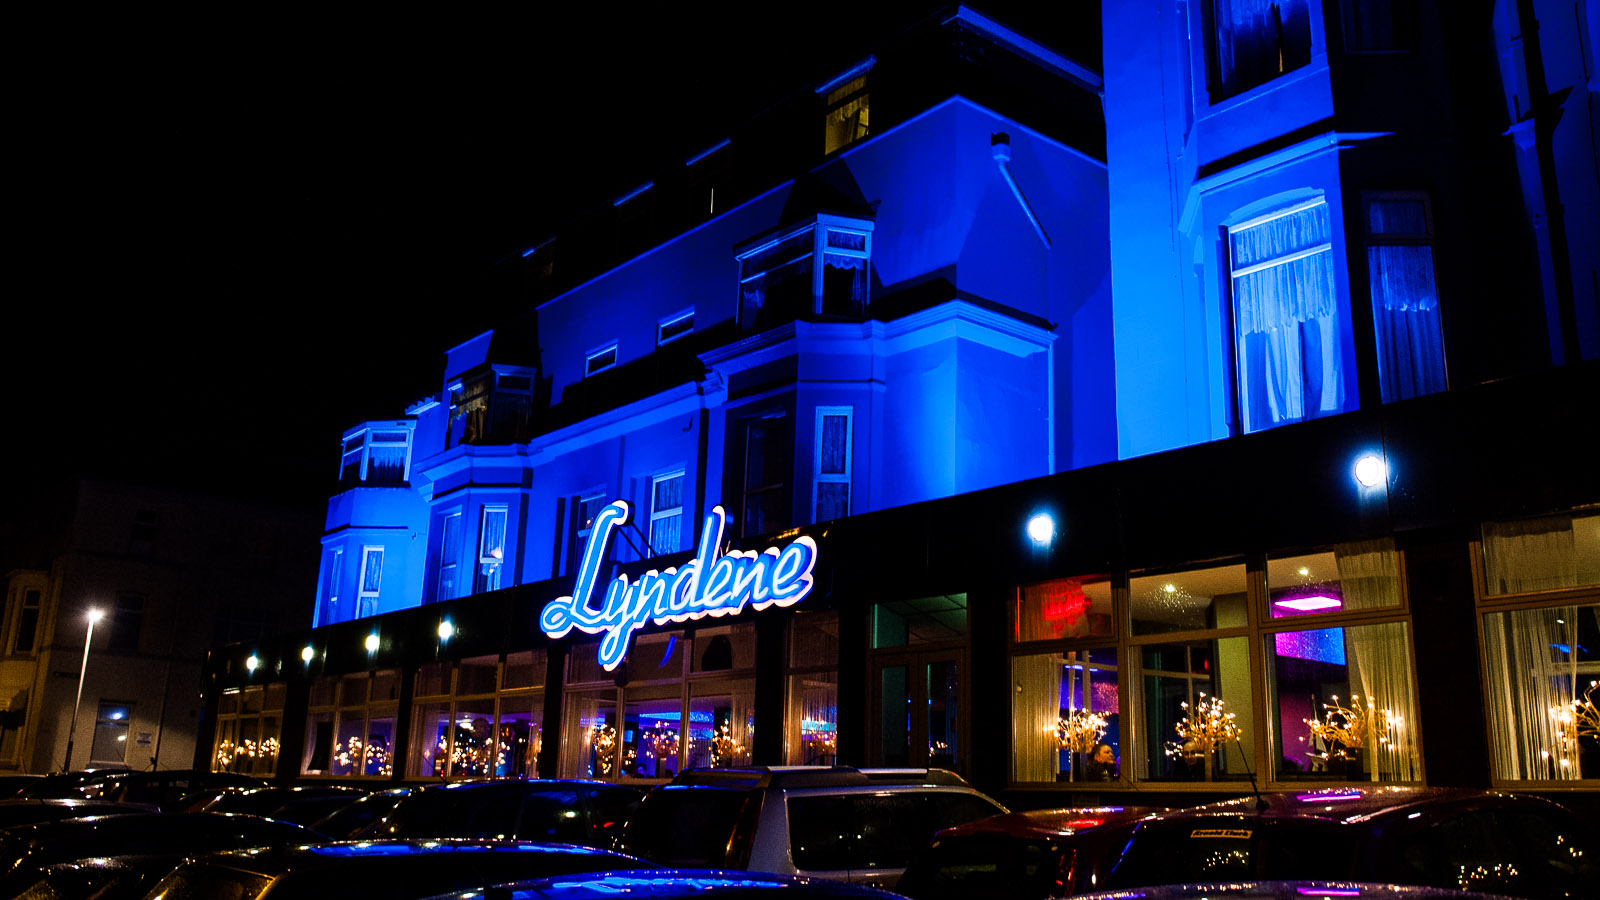 Lyndenne Hotel